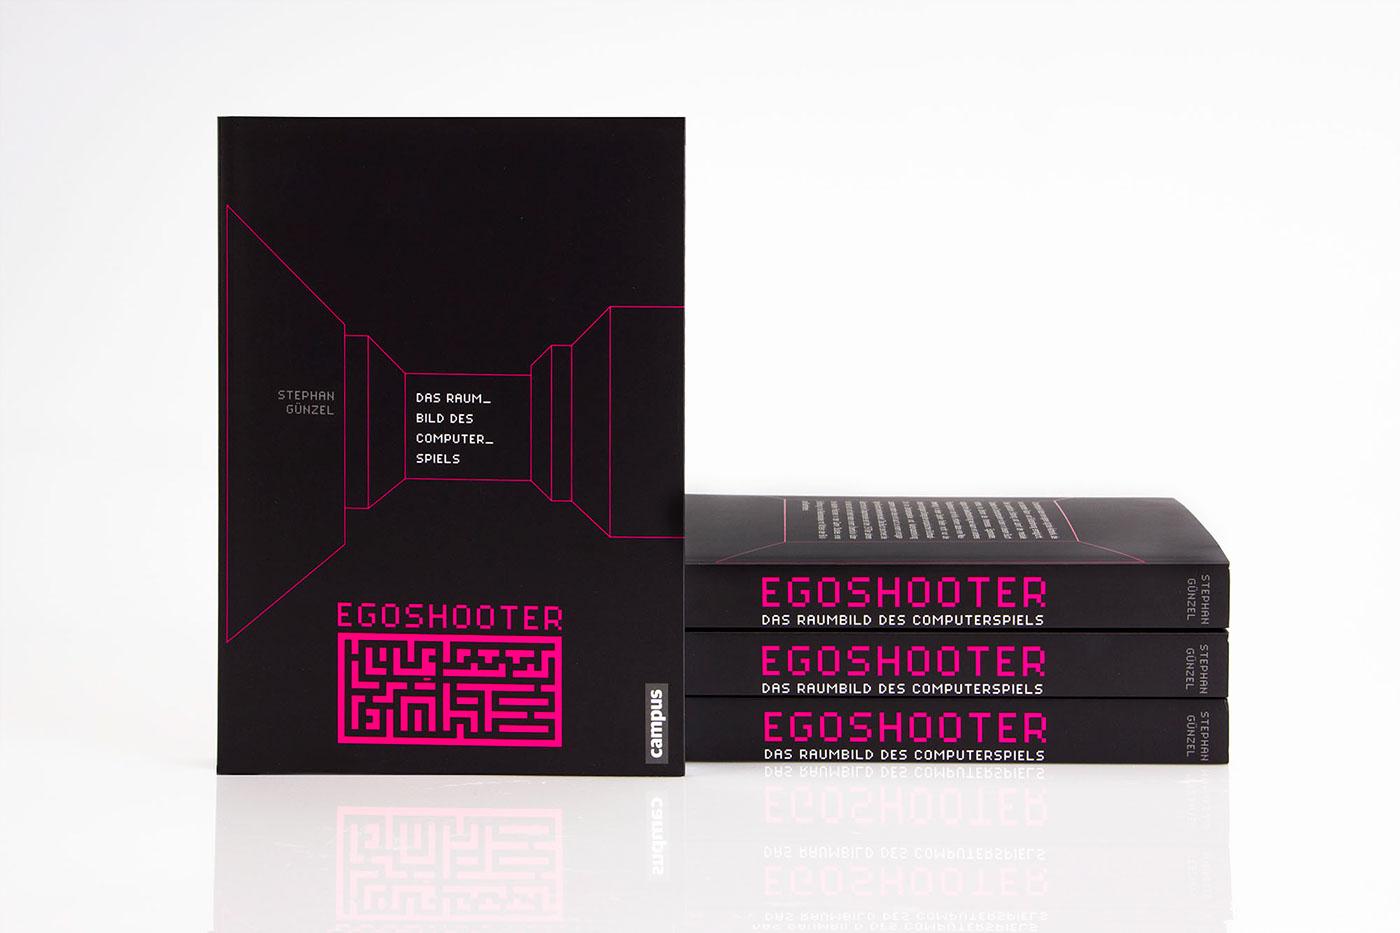 Egoshooter — Das Raumbild des Computerspiels on Behance